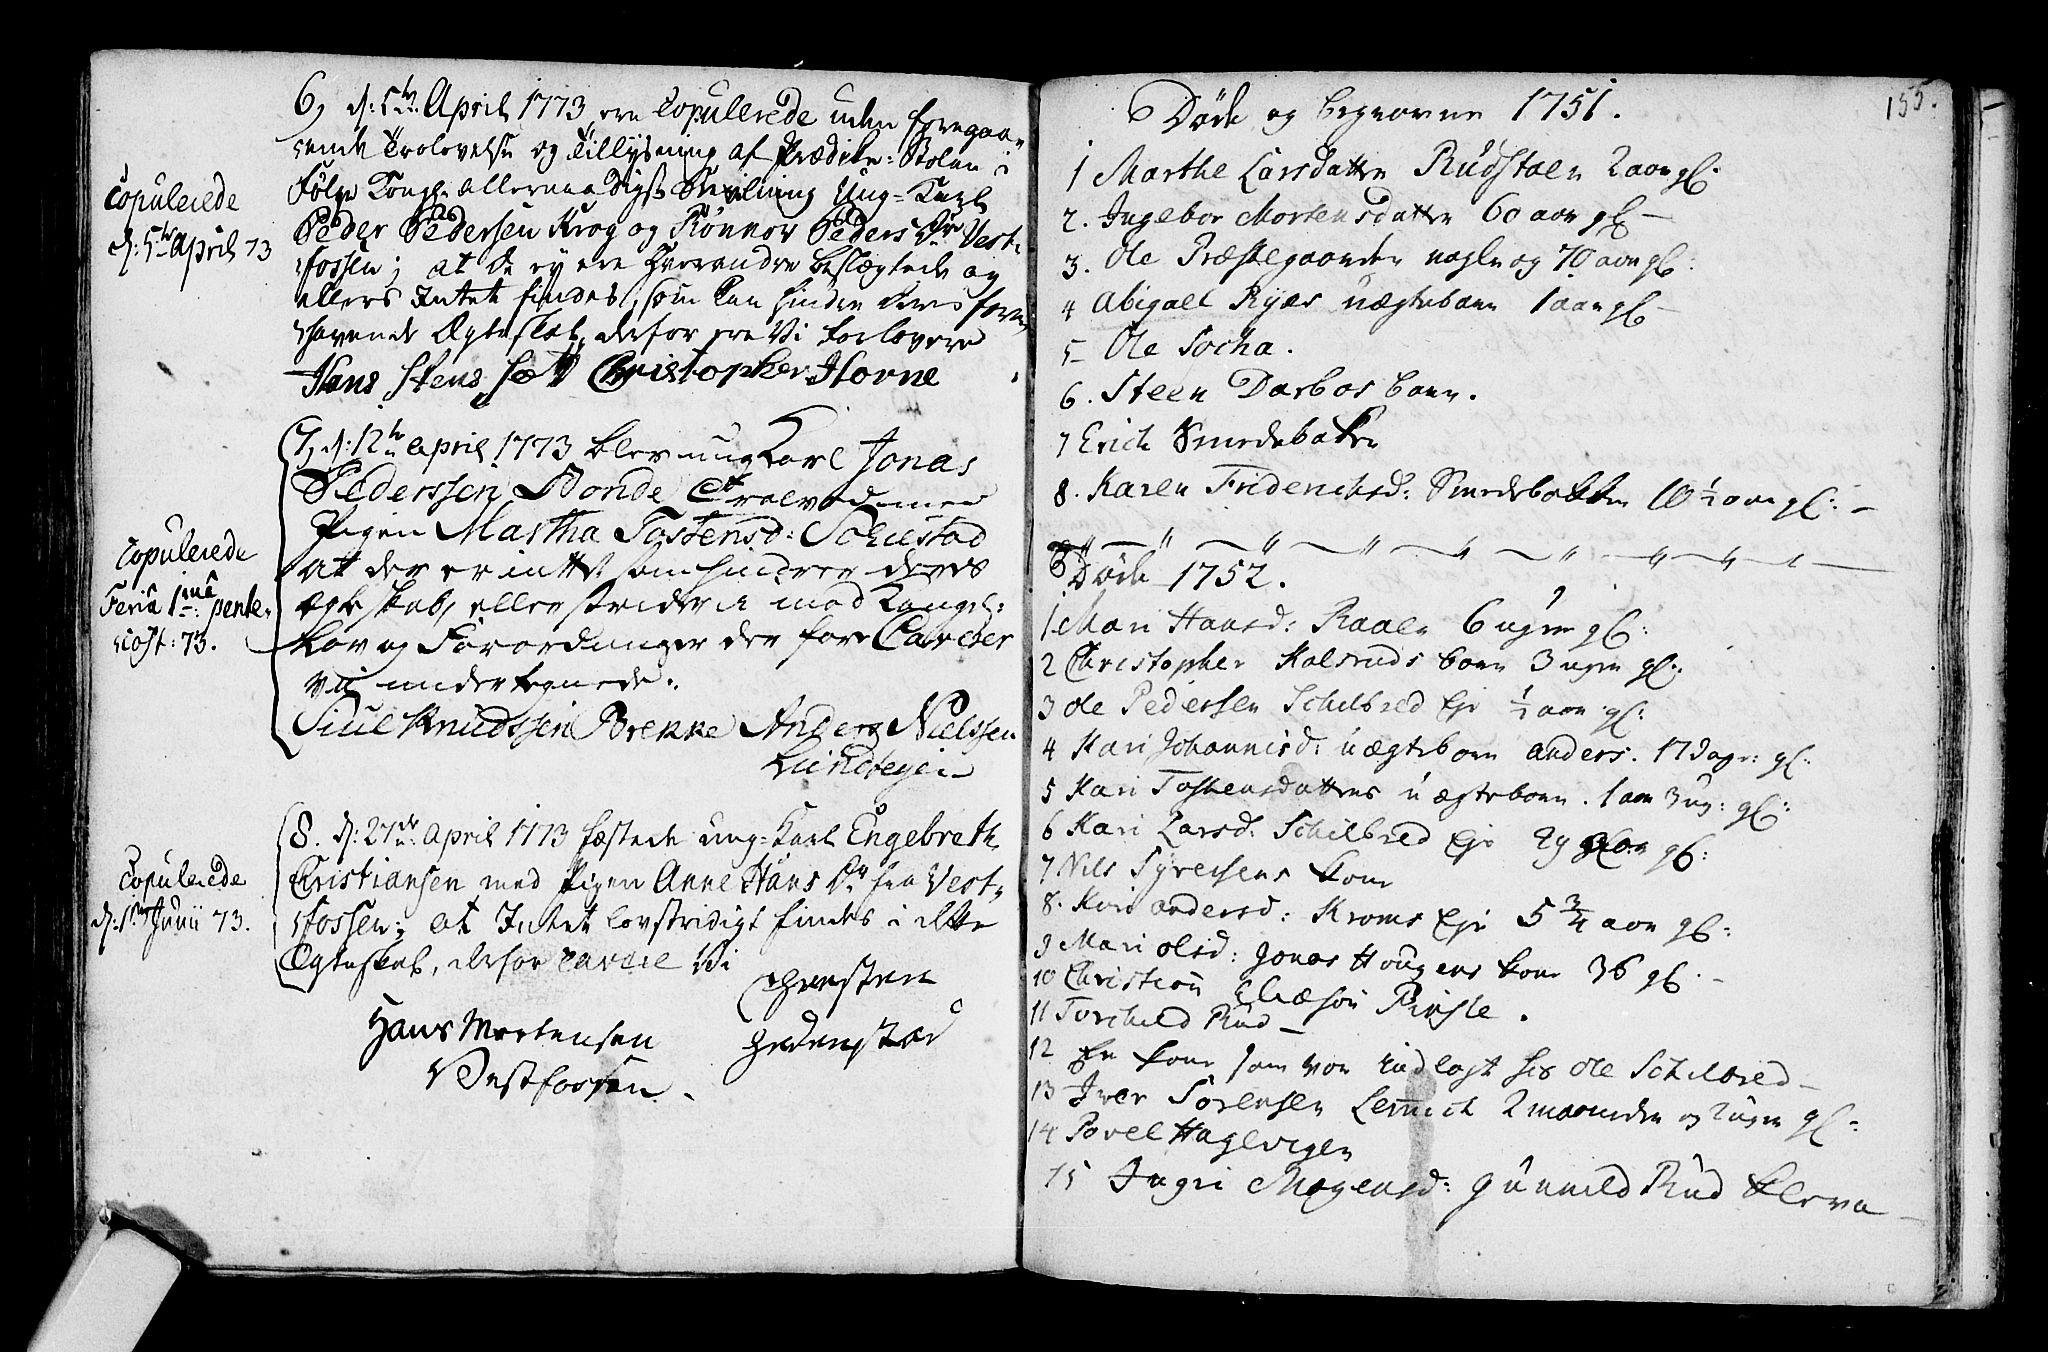 SAKO, Fiskum kirkebøker, G/Ga/L0001: Klokkerbok nr. 1, 1751-1764, s. 155